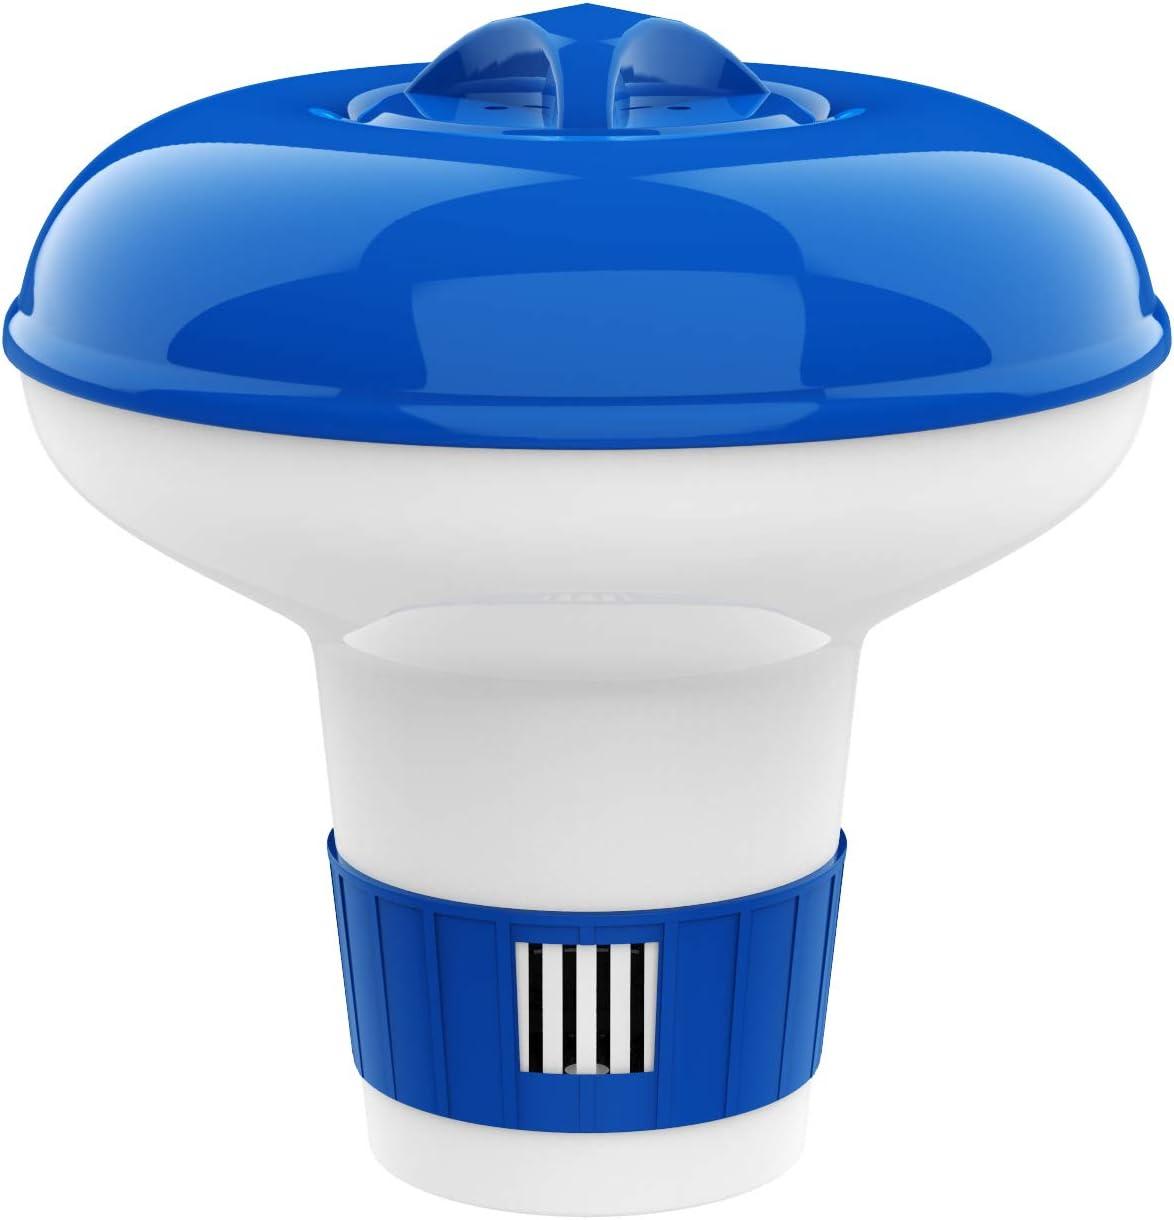 Housolution Dispensador de Cloro Flotante de 5 Pulgadas, Flotador Ajustable para Tableta de Lanzamiento de Gran Capacidad para Piscinas de Interior y Exterior SPA, Azul y Blanco